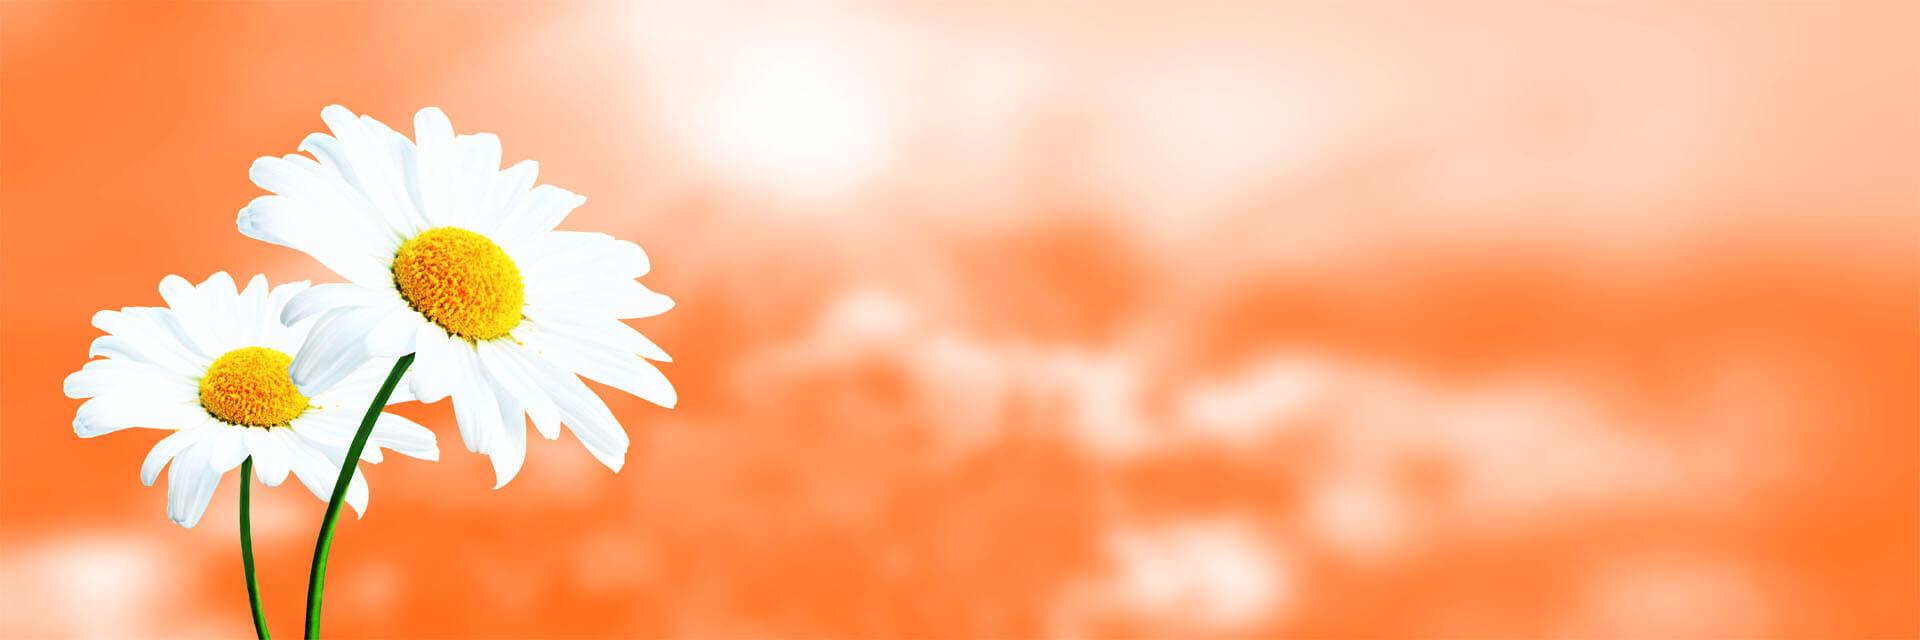 Naturheilpraxis Lüders, Maria-Theresia Lüders, gute Heilpraktikerin Münster, Klassische Homöopathie, Synergetische Homöopathie, Ganzheitliche Raucherentwöhnung, Rauchentwöhnung, Rauchfrei-Spritze, Rauchen aufhören, Mesotherapie, Vitamin C Hochdosis Infusion, Dorn-Breuss Rückenbehandlung, Schröpfkopfbehandlungen, Klopfakupressur Mentalfeldtechnik, Behandlung von ADHS bei Kindern